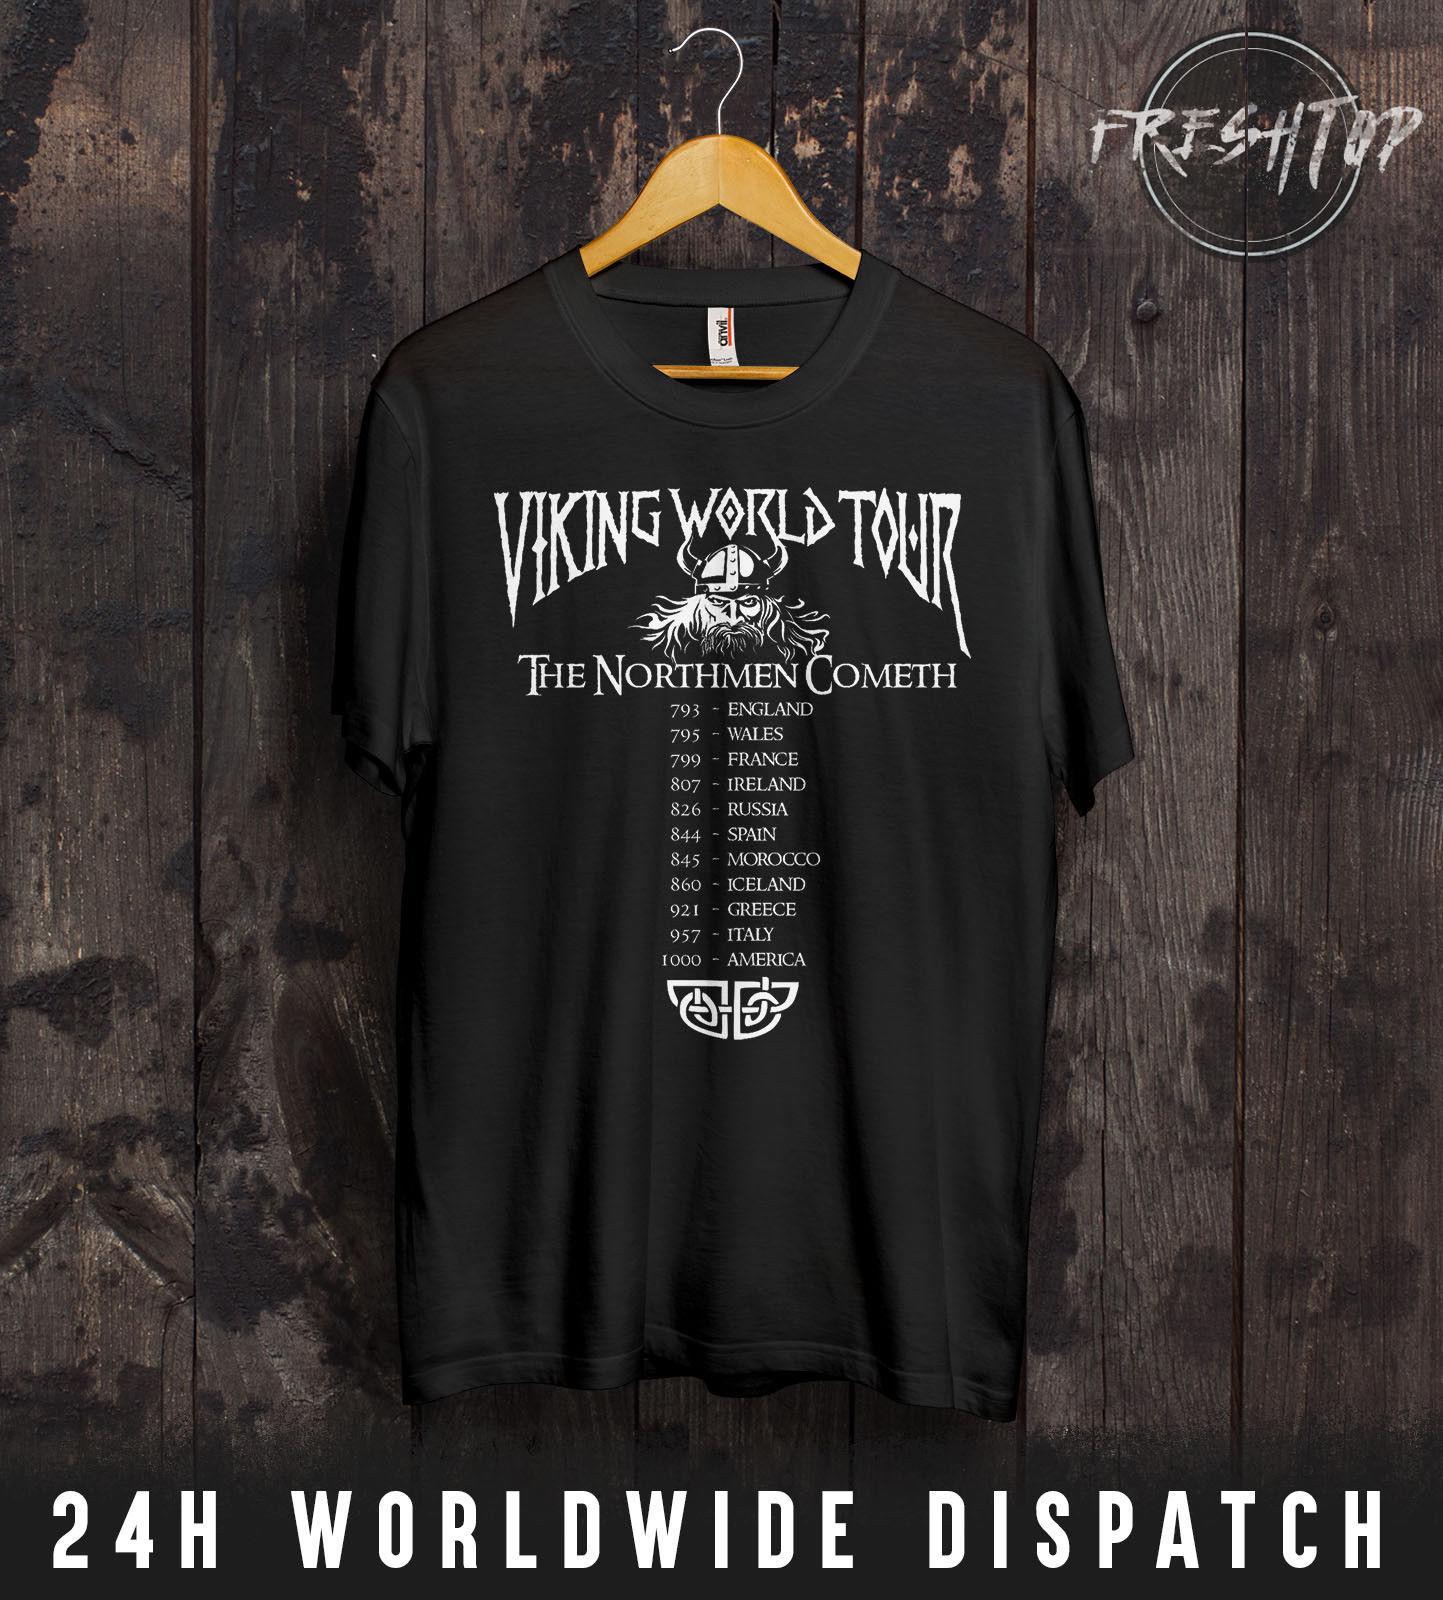 Großhandel Wikinger Welttournee T Shirt Ragnar Lothbrok Schild Mädchen  Krieger Fitness Studio Coole Lässige Stolz T Shirt Männer Von  Designtshirts201804, ... c677e5e6ec